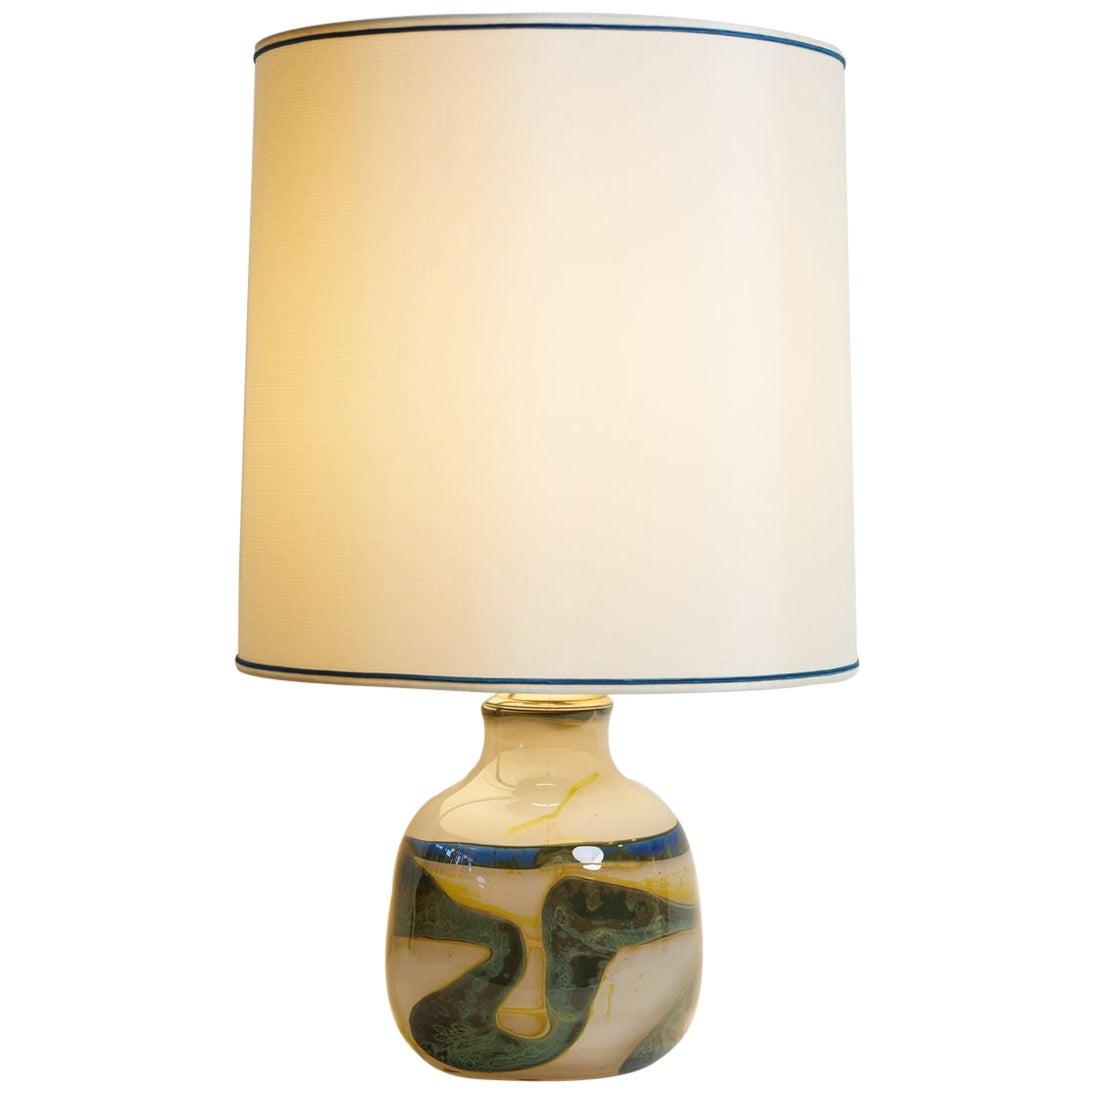 Italian 1970s White Murano Glass Lamp with Abstract Design & Custom Lampshade